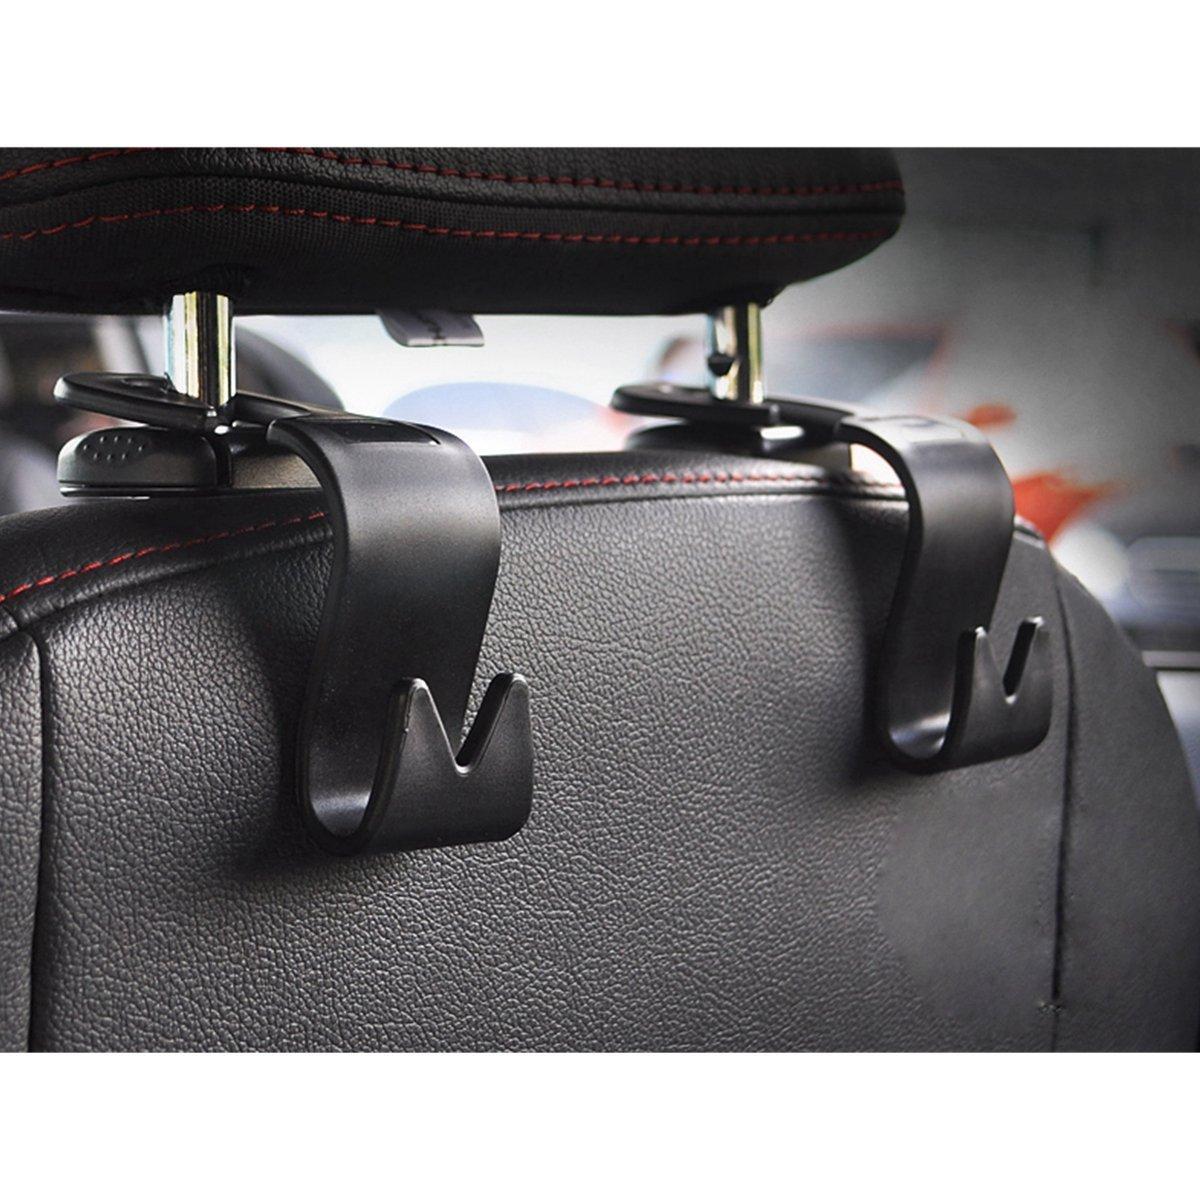 Auto R/ücksitz Kopfst/ütze Haken Lagerung f/ür Auto SUV Handtaschen Brieftaschen Jacken Essen Taschen Wasserflaschen und vieles mehr MINGZE 8 St/ück Auto R/ücksitz Kopfst/ütze Haken Kleiderb/ügel Halter